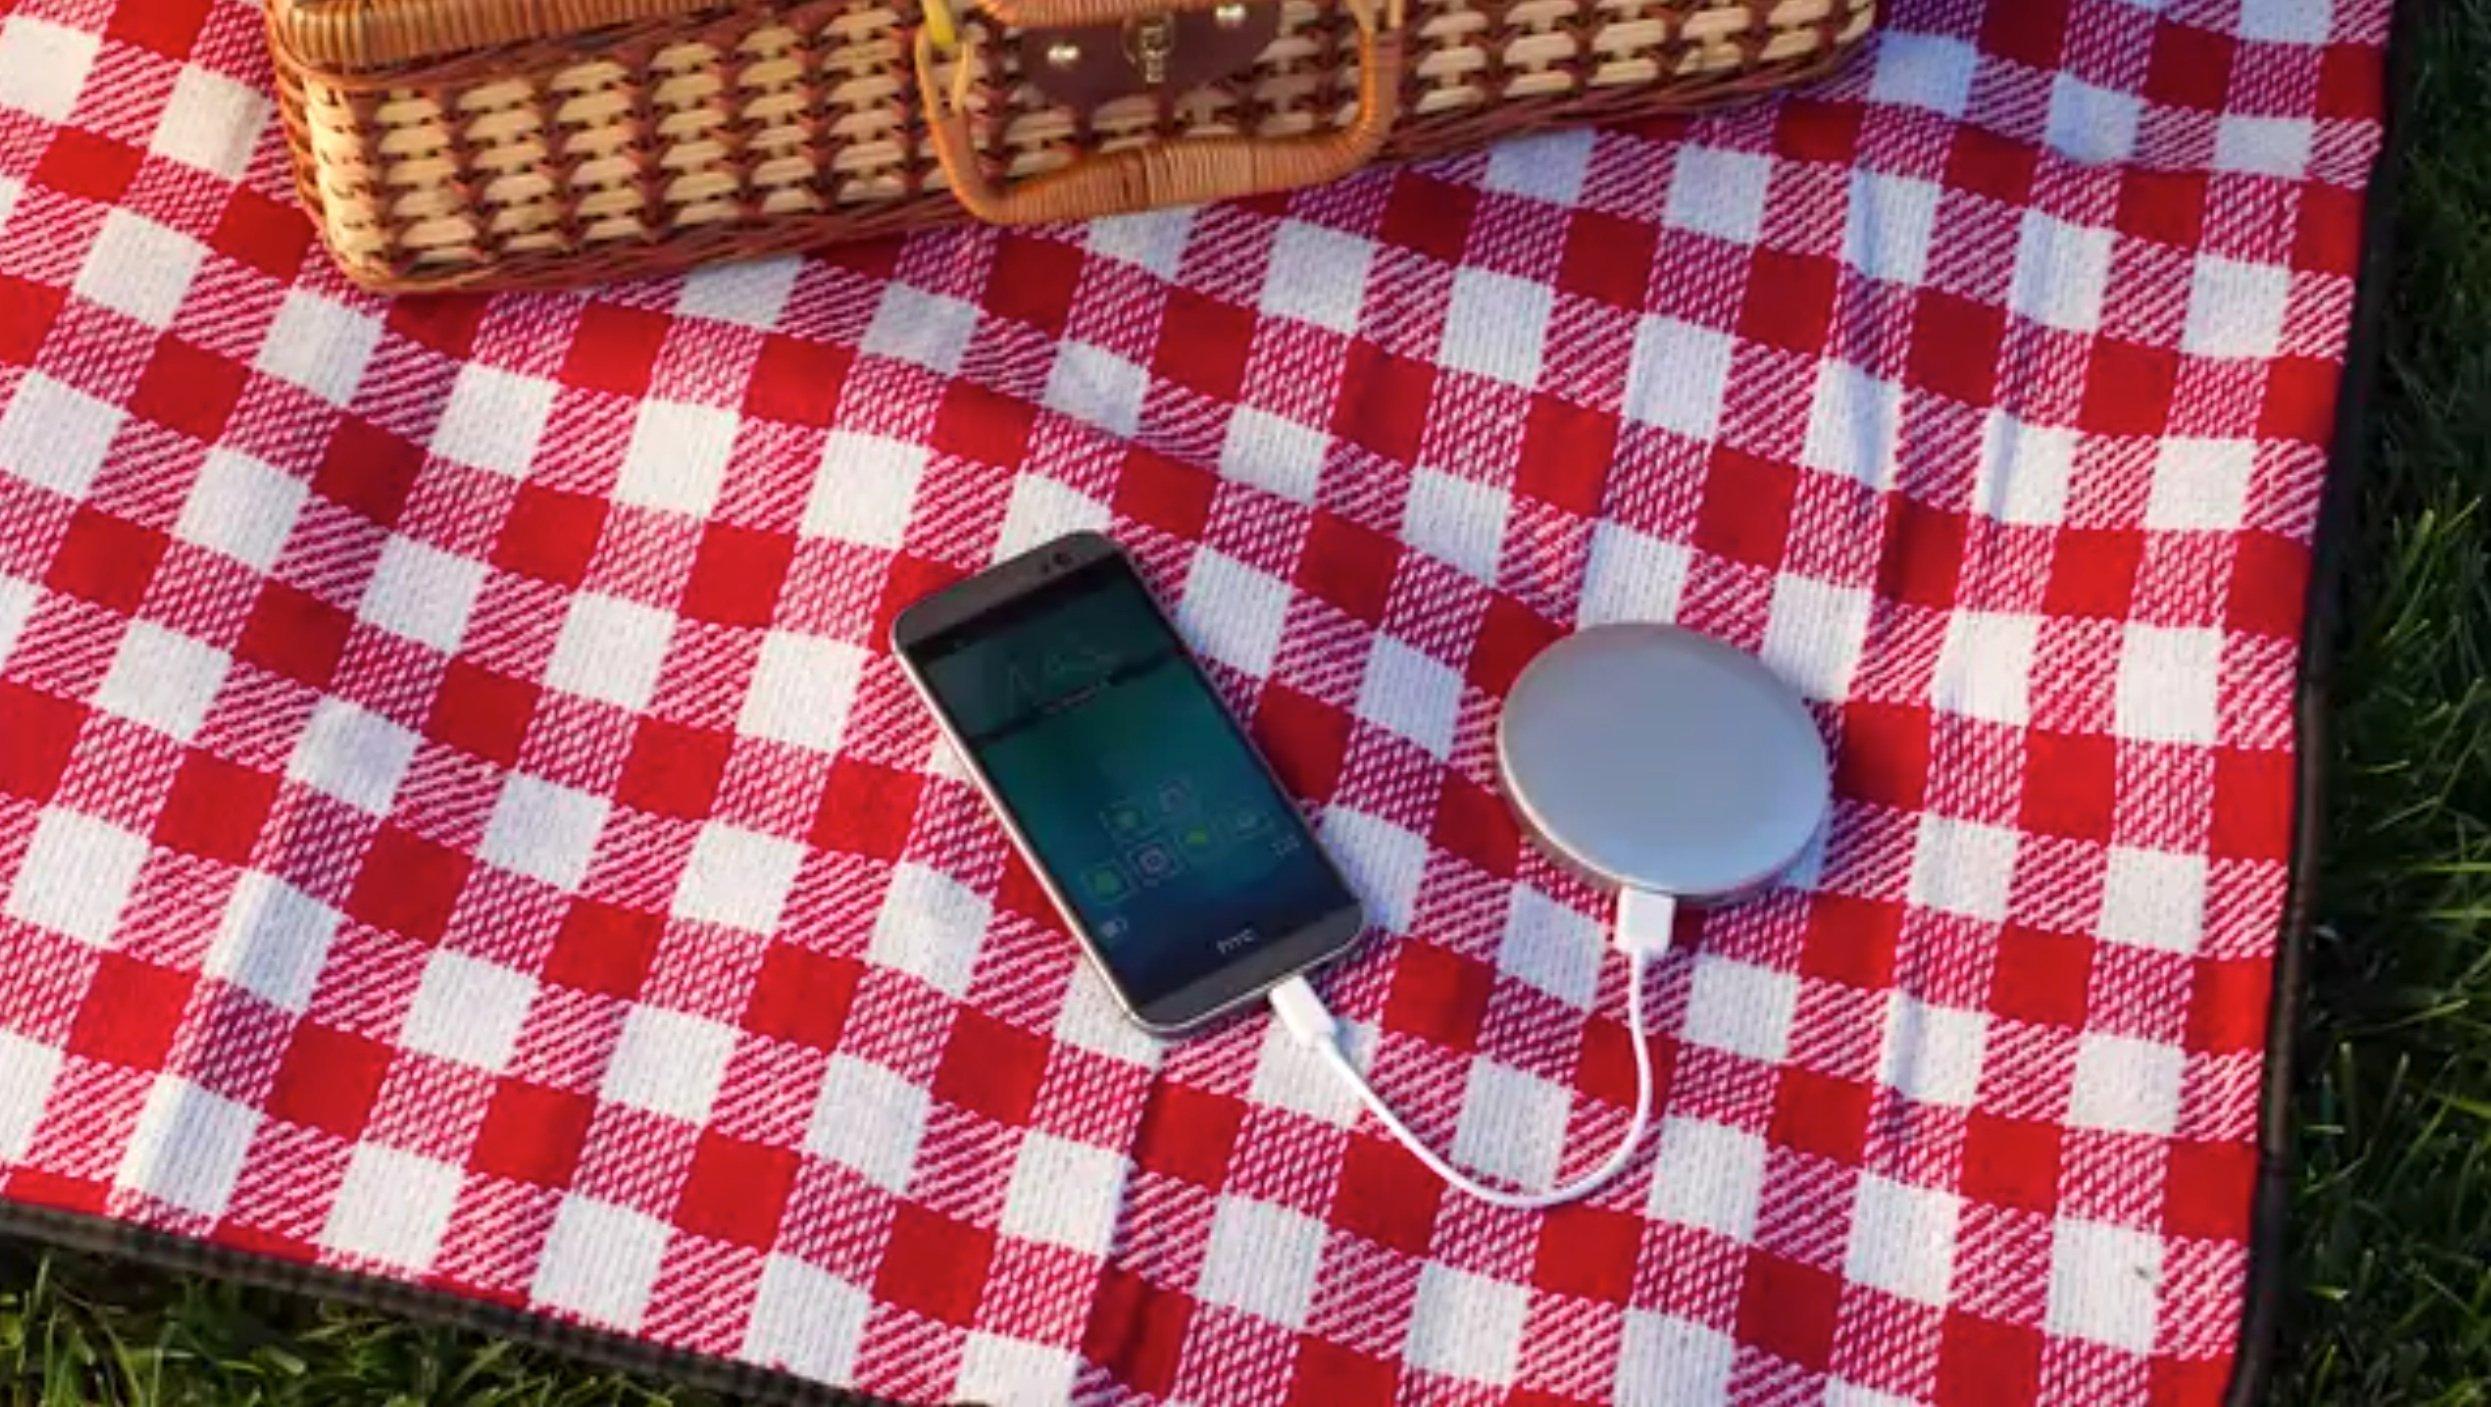 Der Spiegel als Akku fürs Smartphone: Das Gerät war vor Weihnachten in den USA teilweise ausverkauft.